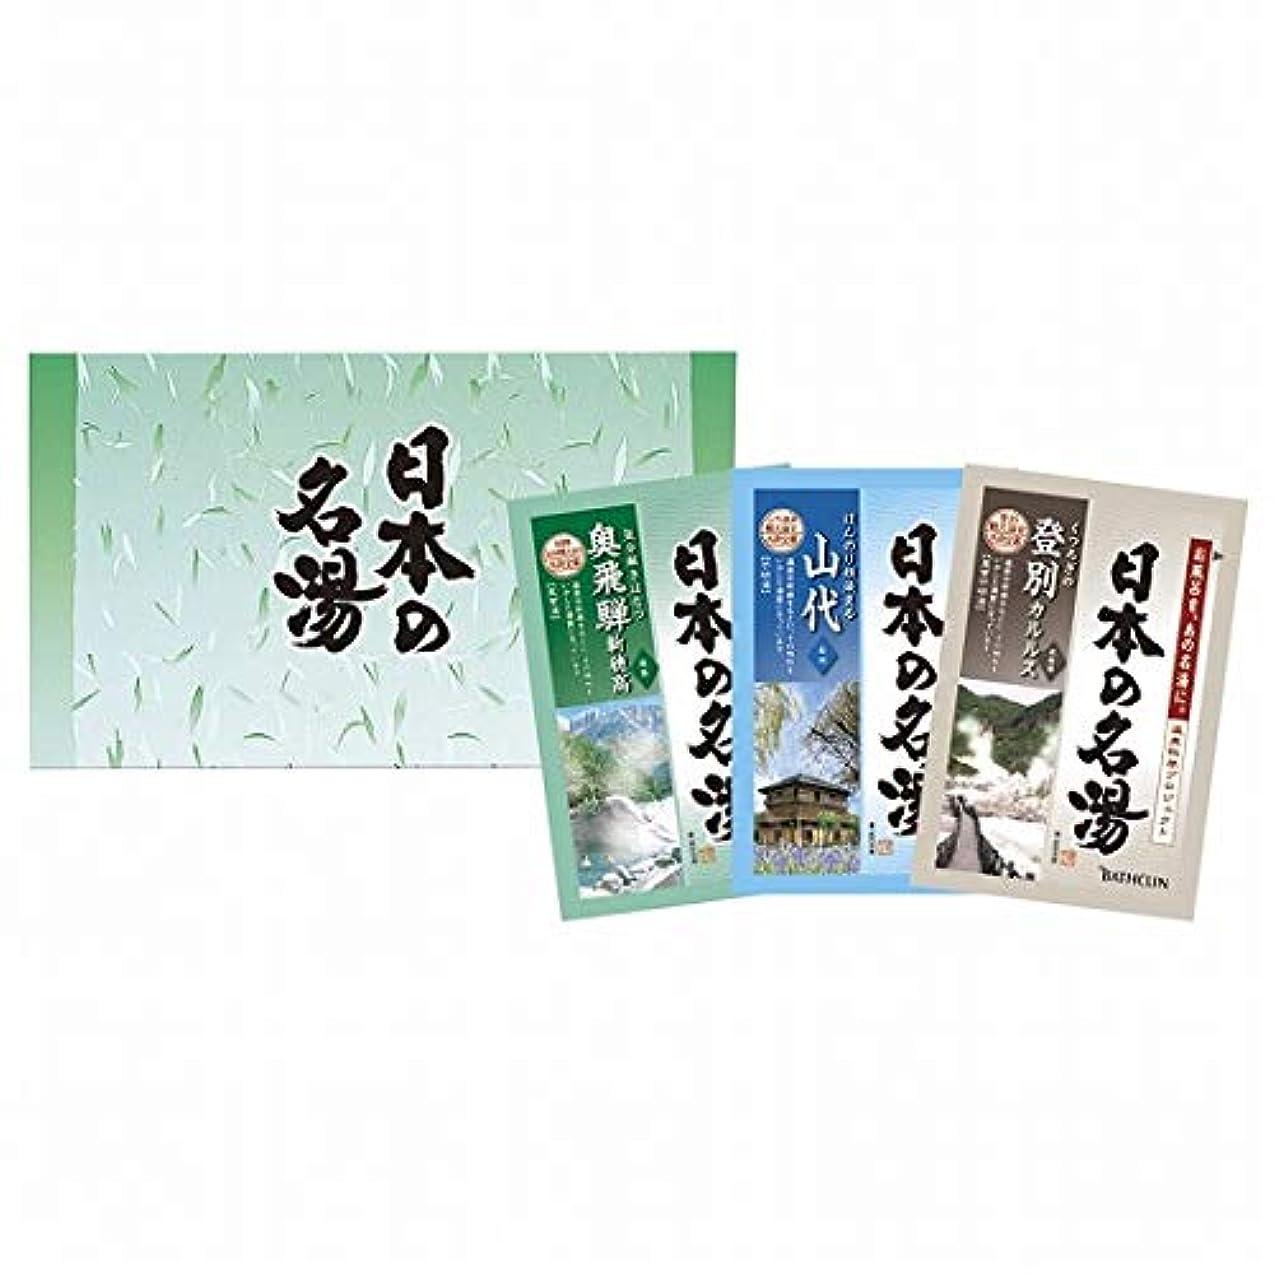 甘やかすできれば上院日本の名湯3包セット